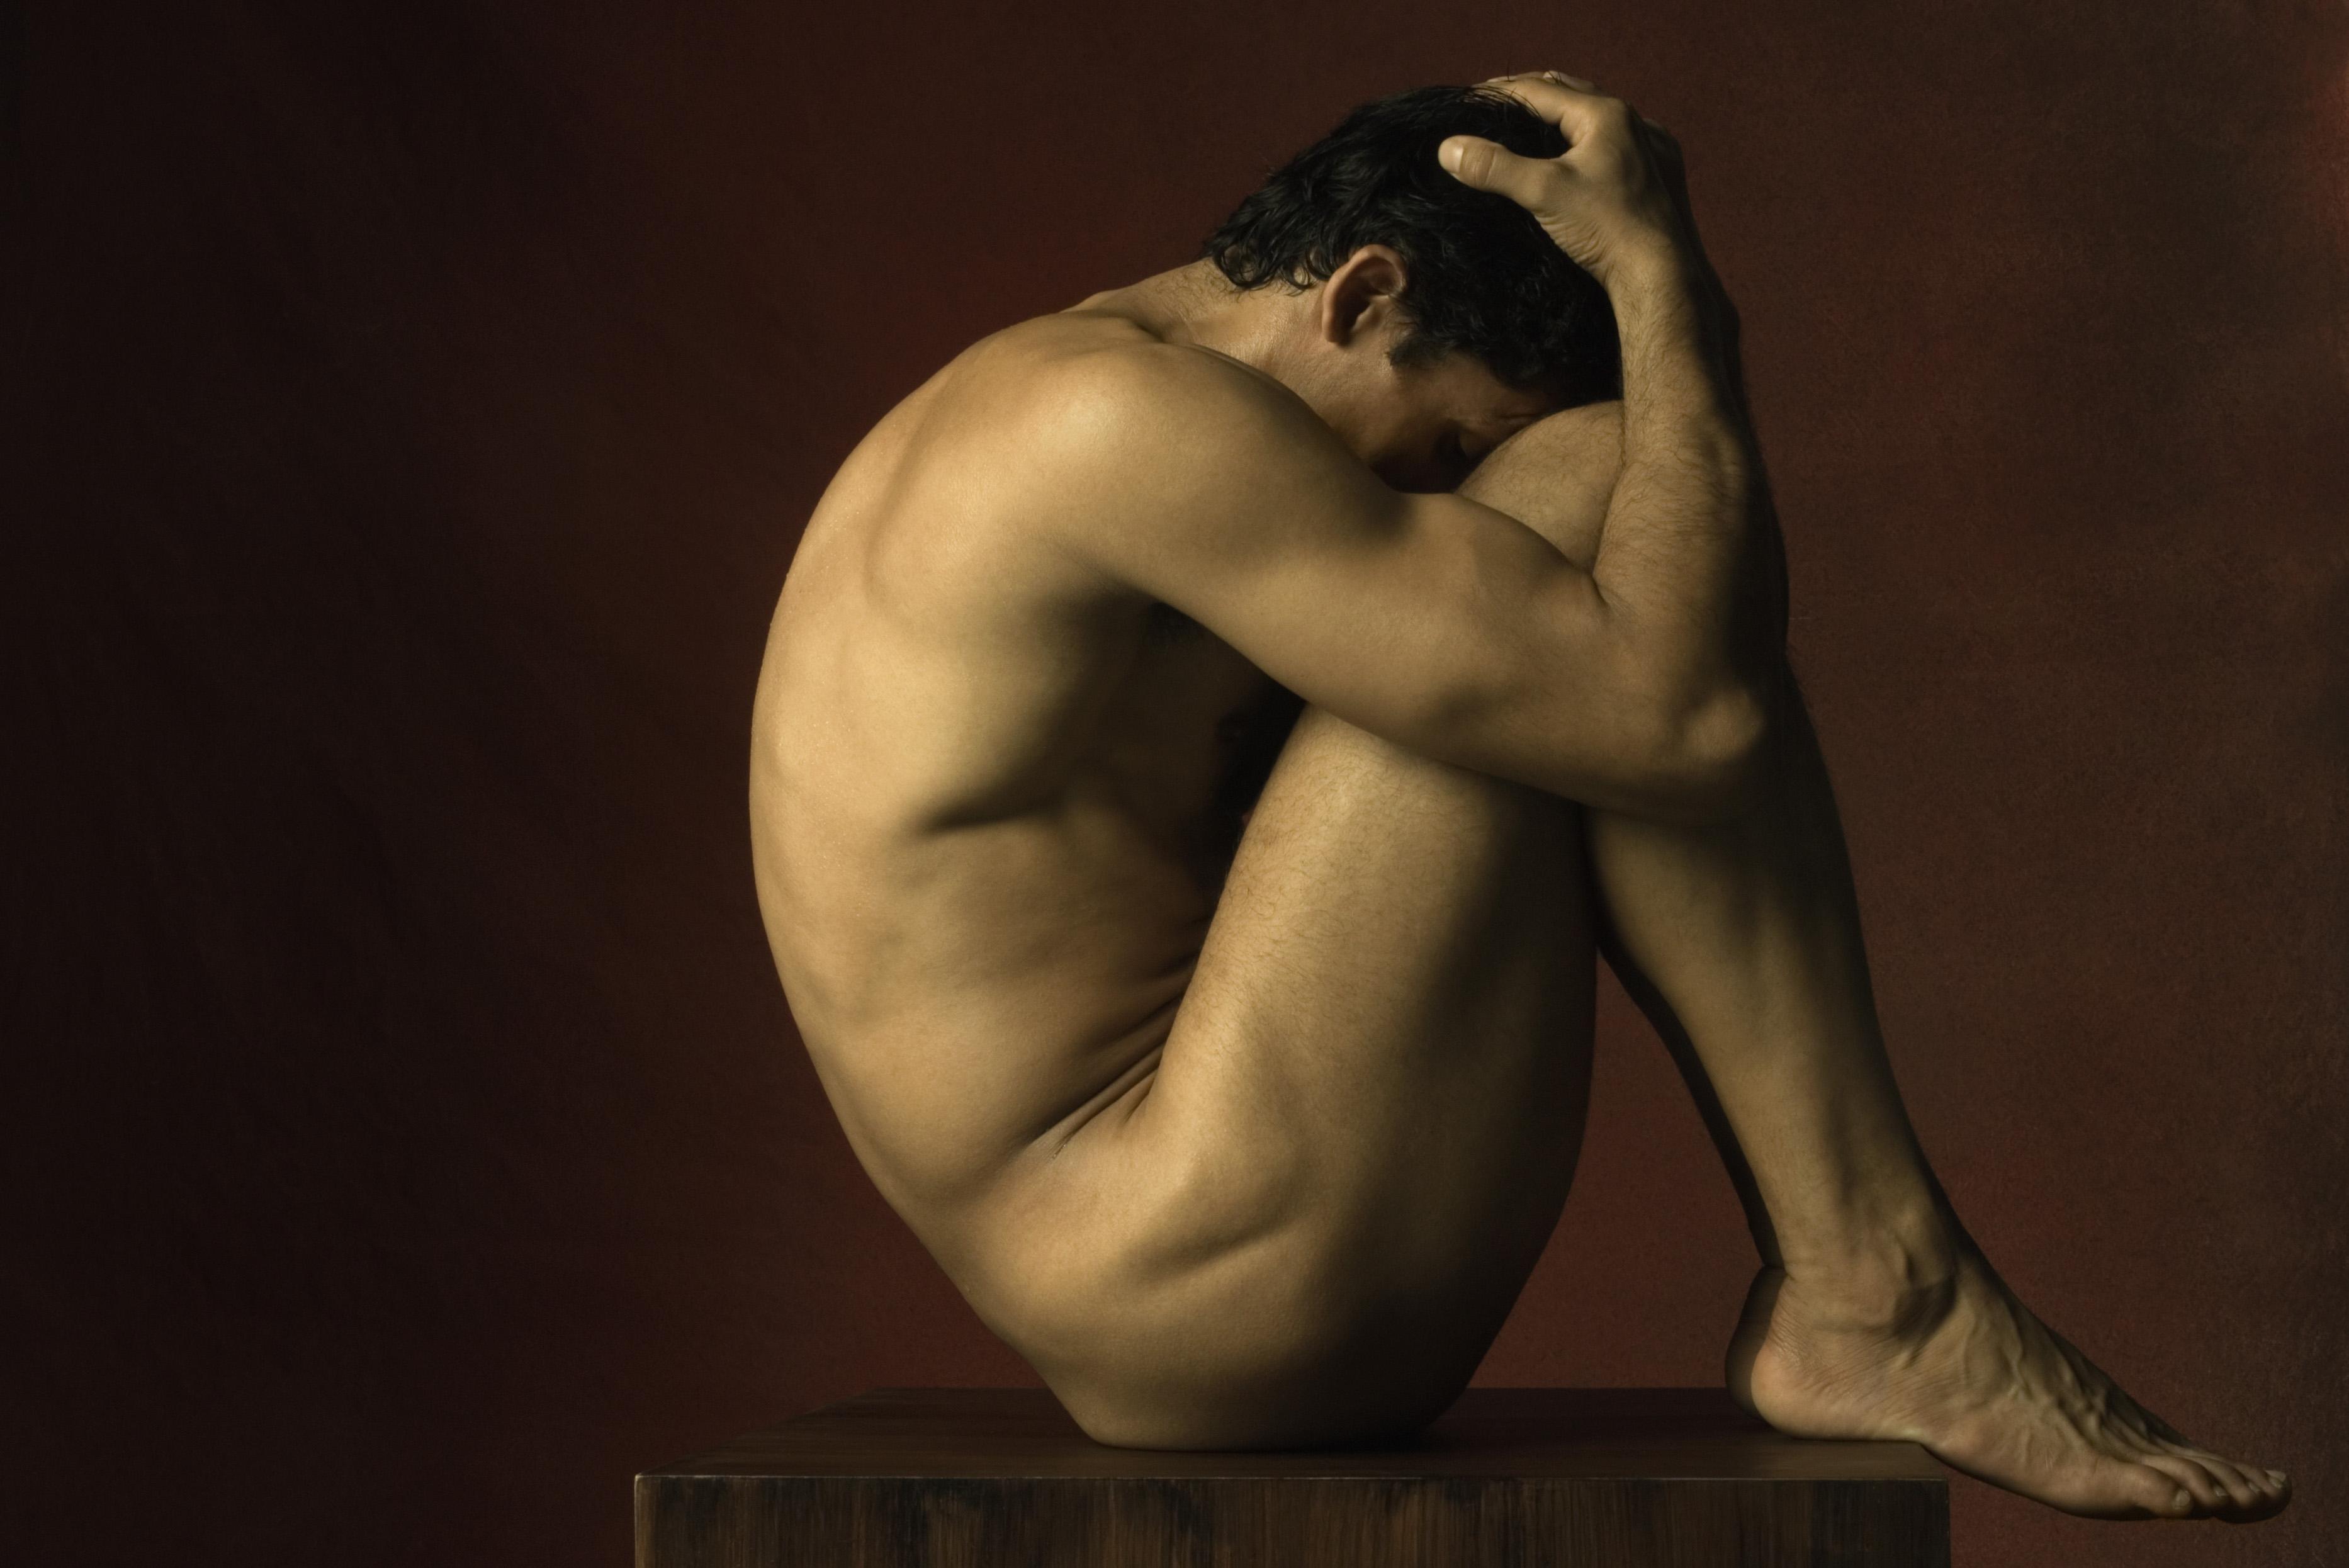 Hímvessző pelenka férfiak részére: Attends For Men 4 ( ml)